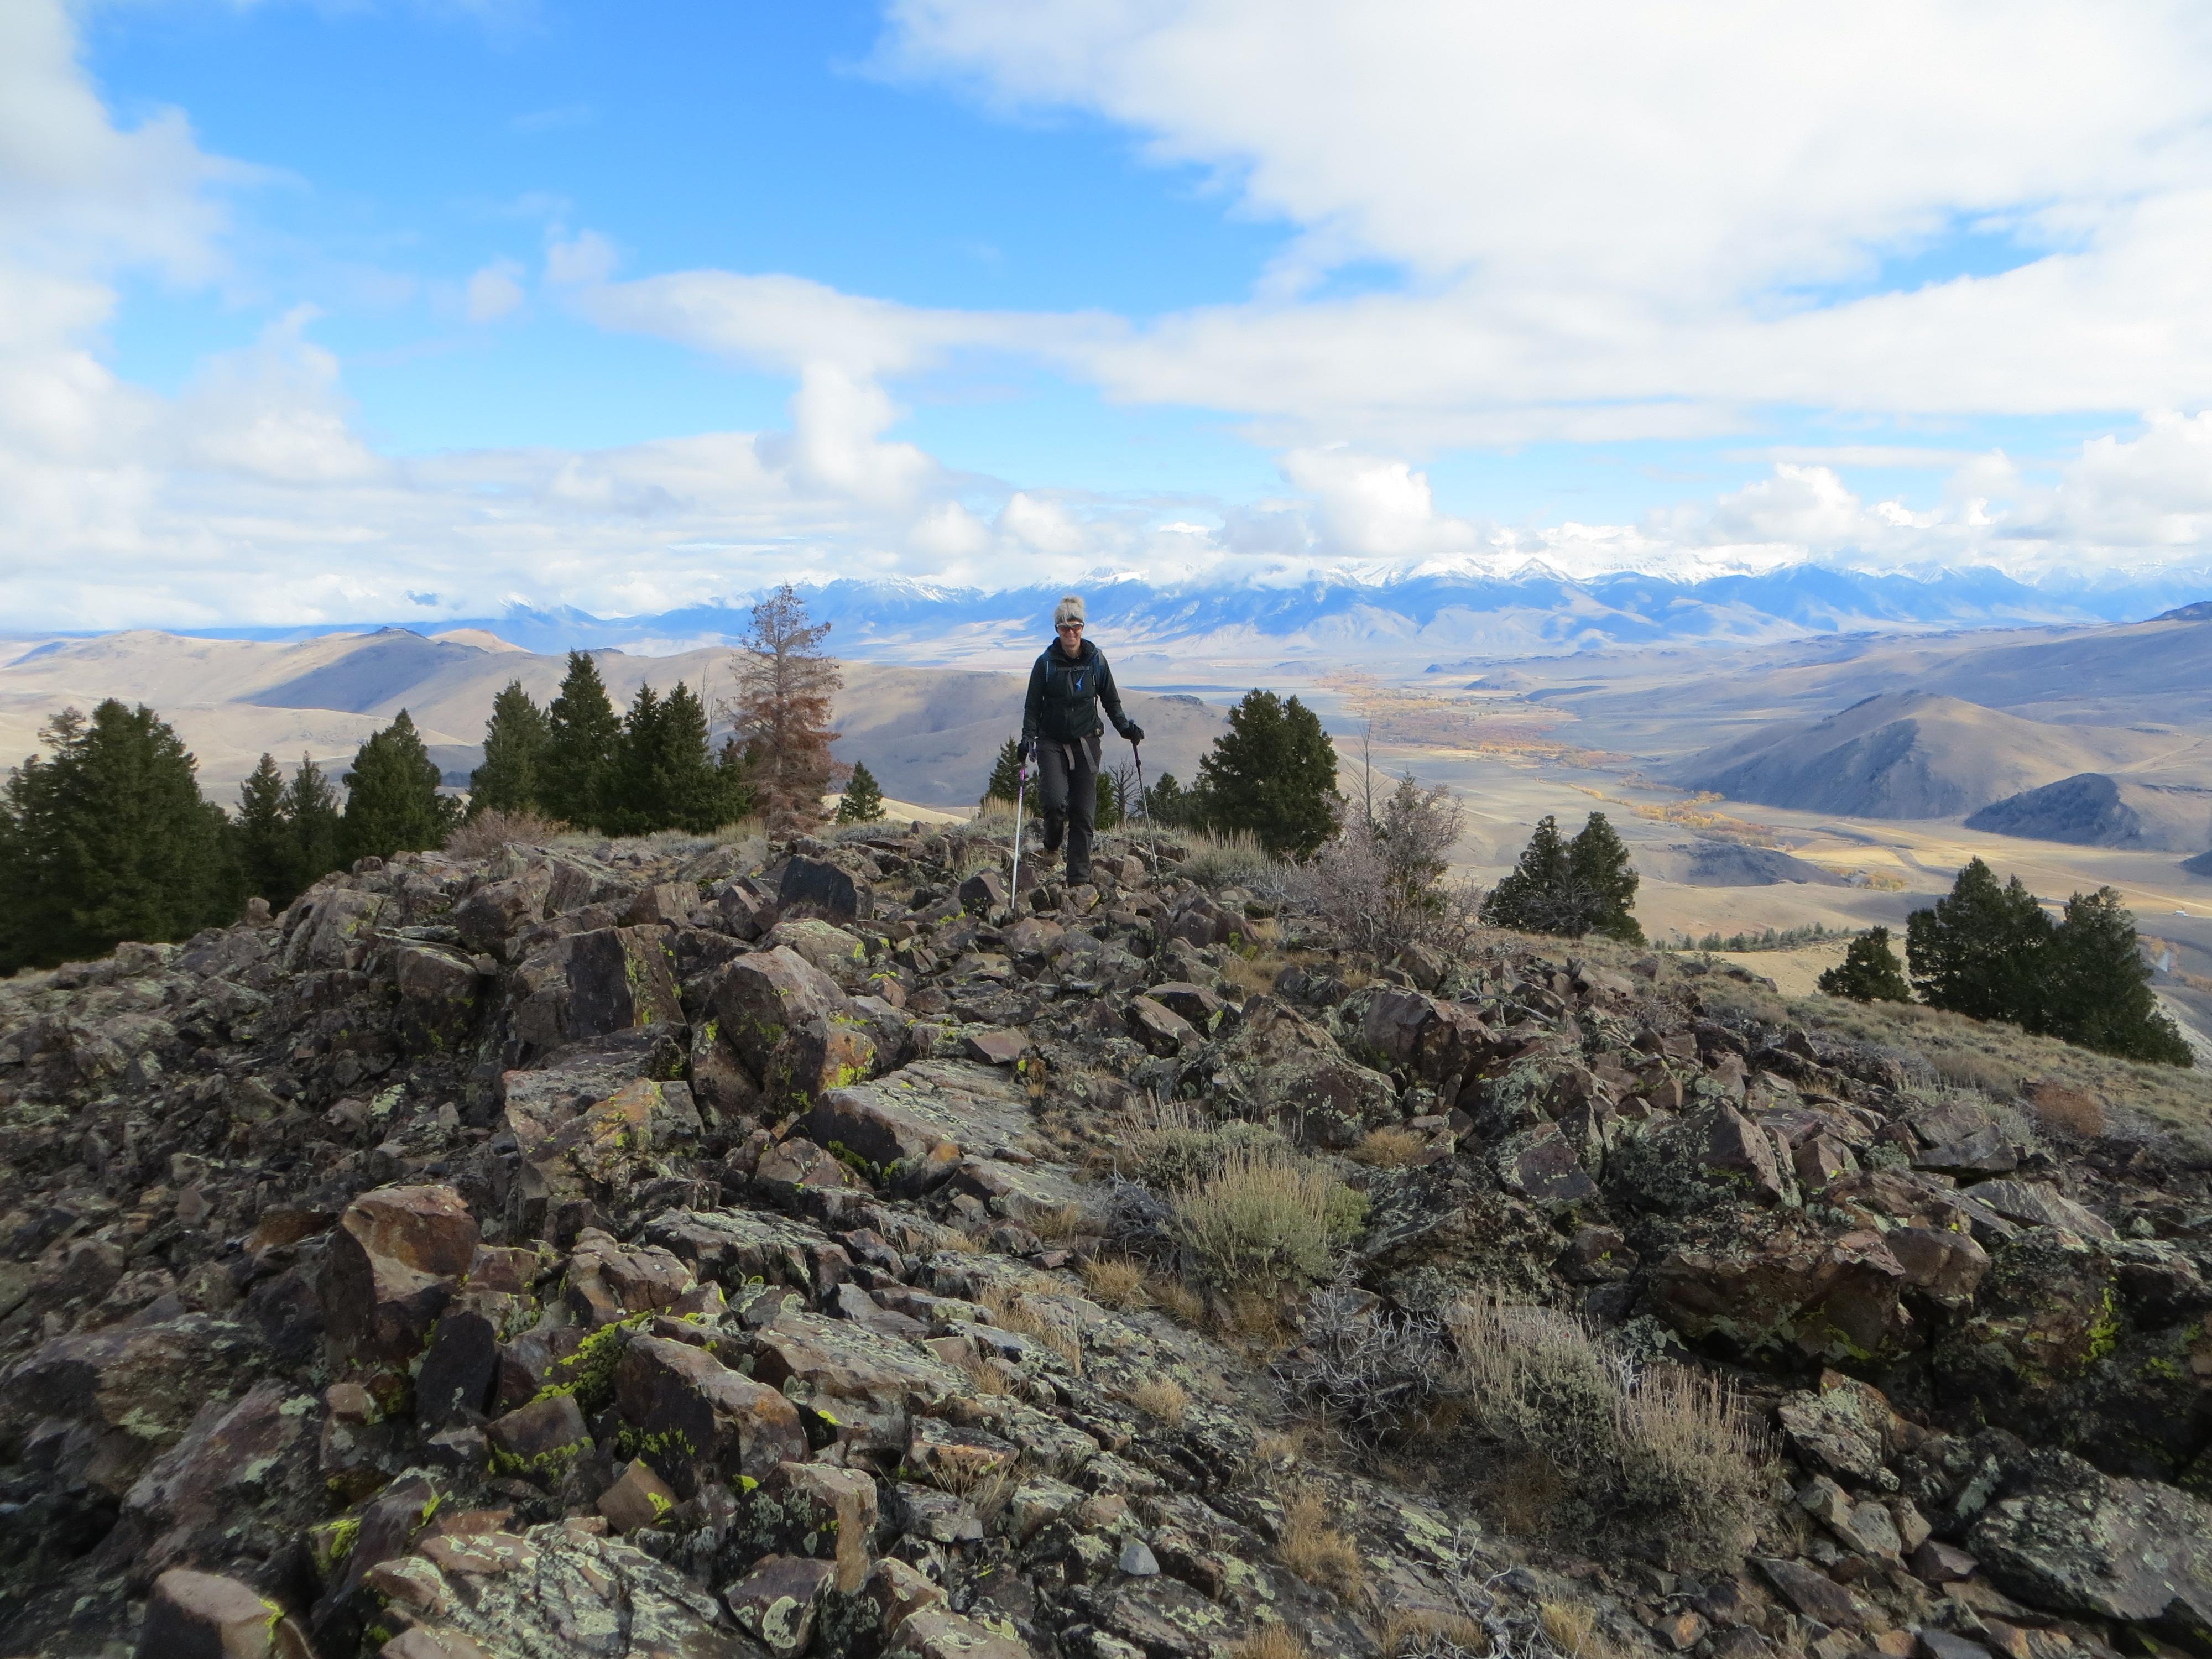 The rocky summit of Peak 8700. Photo Steve Mandella